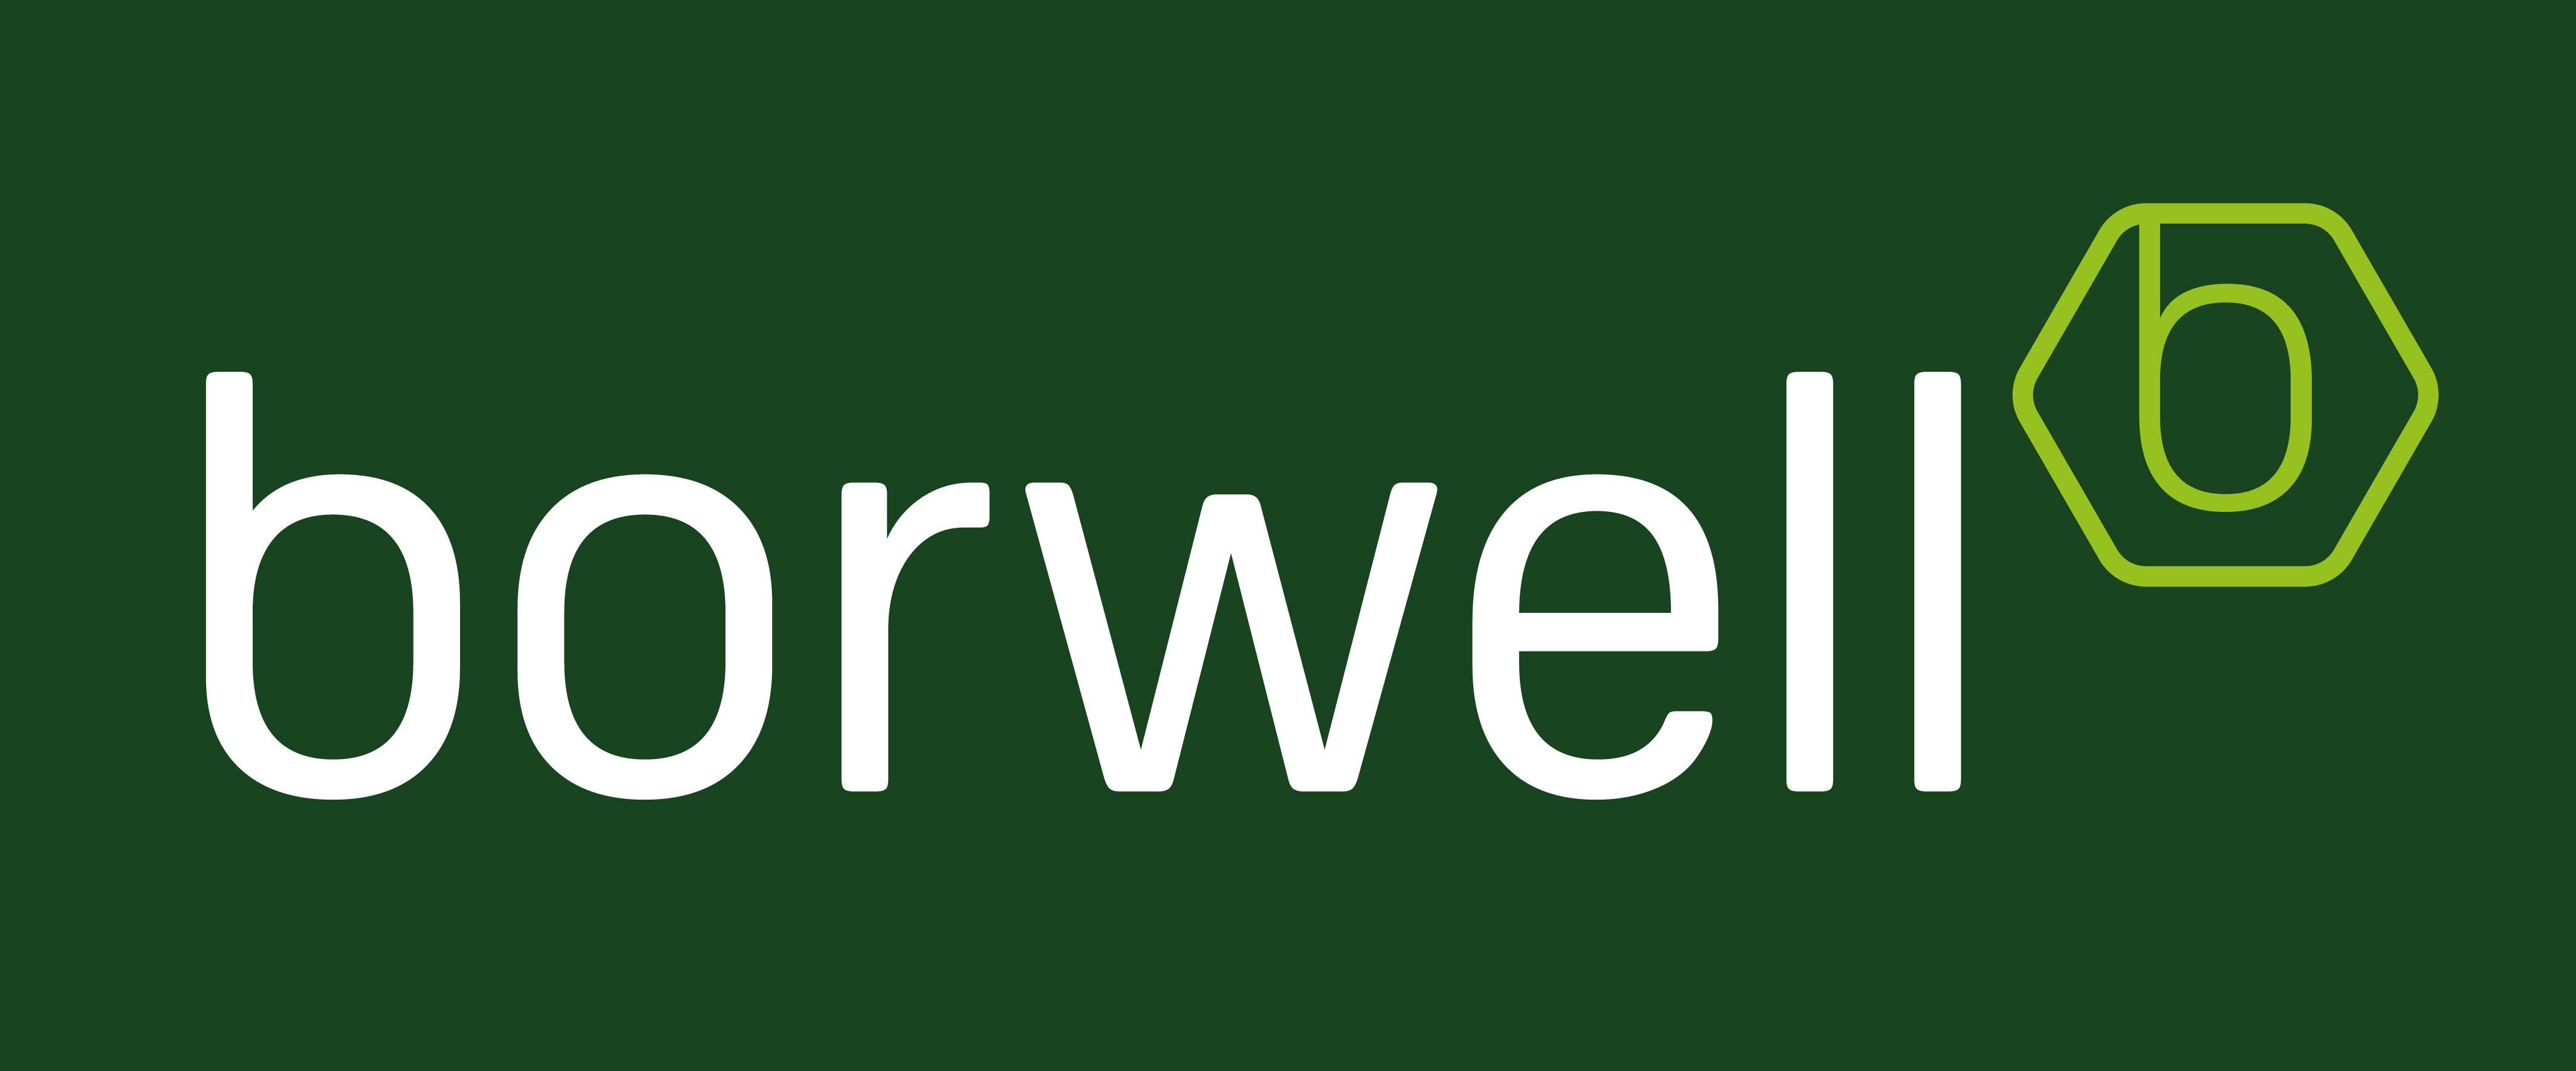 borwell ltd logo